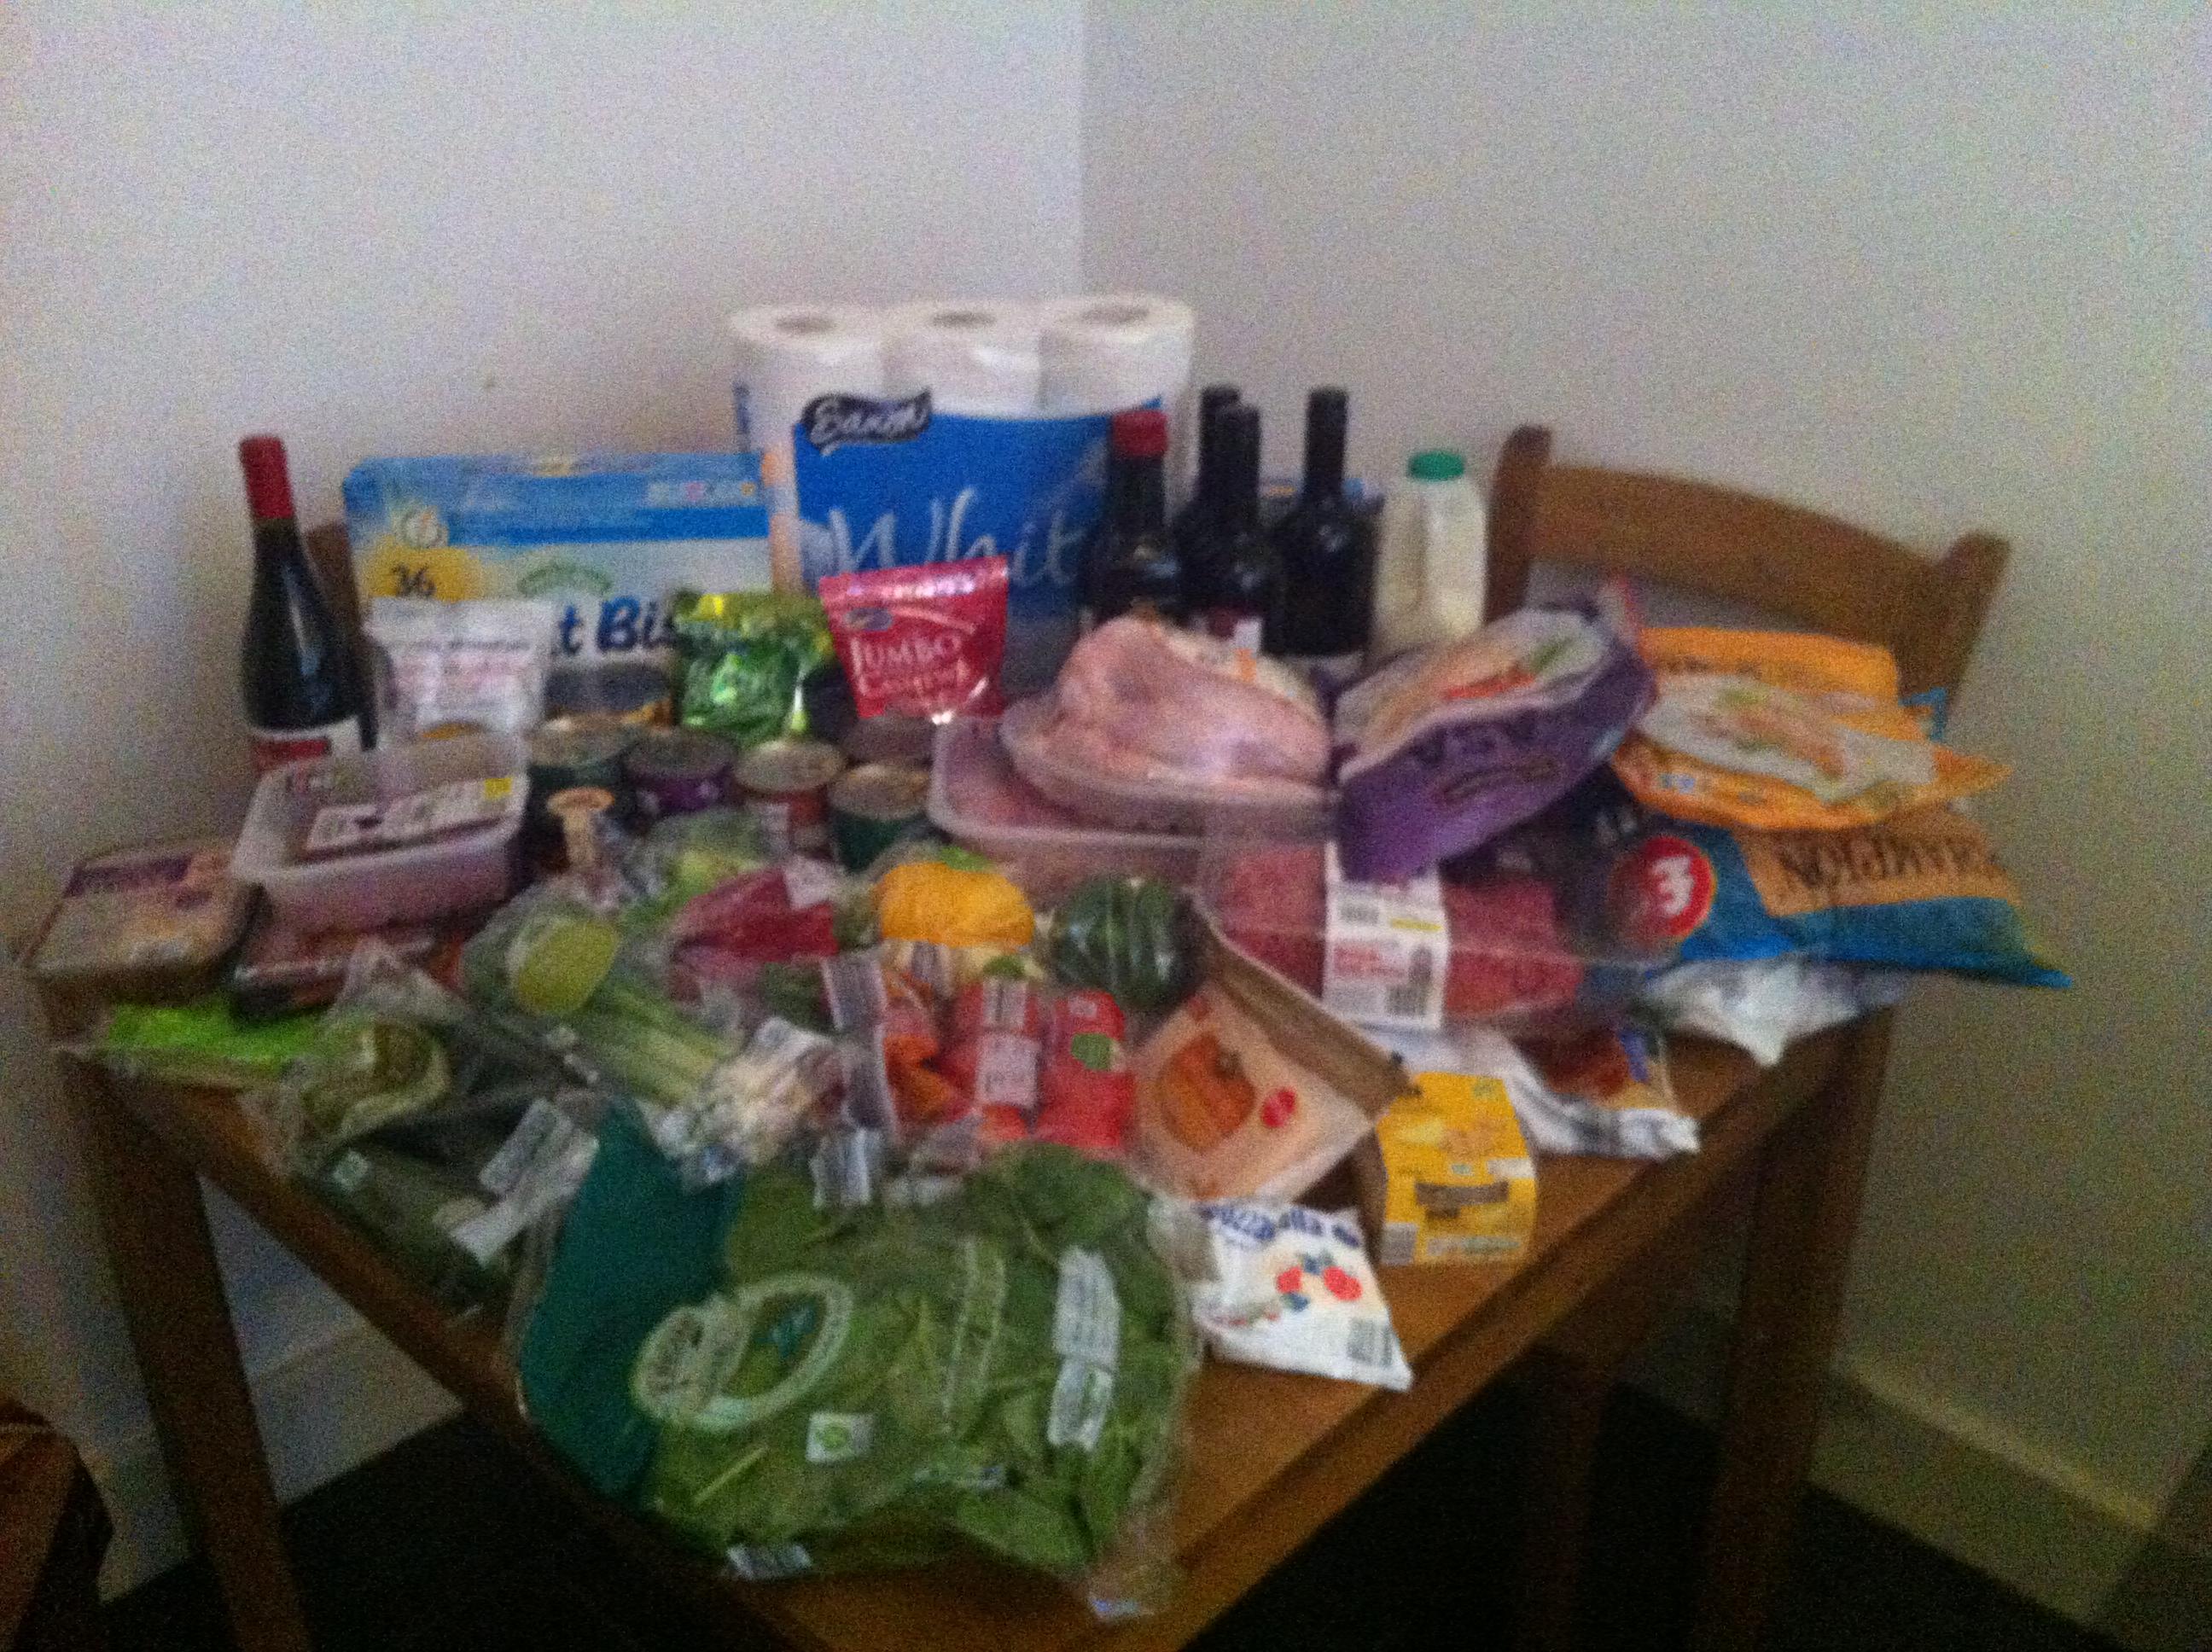 Discount supermarkets cheaper - Aldi photo